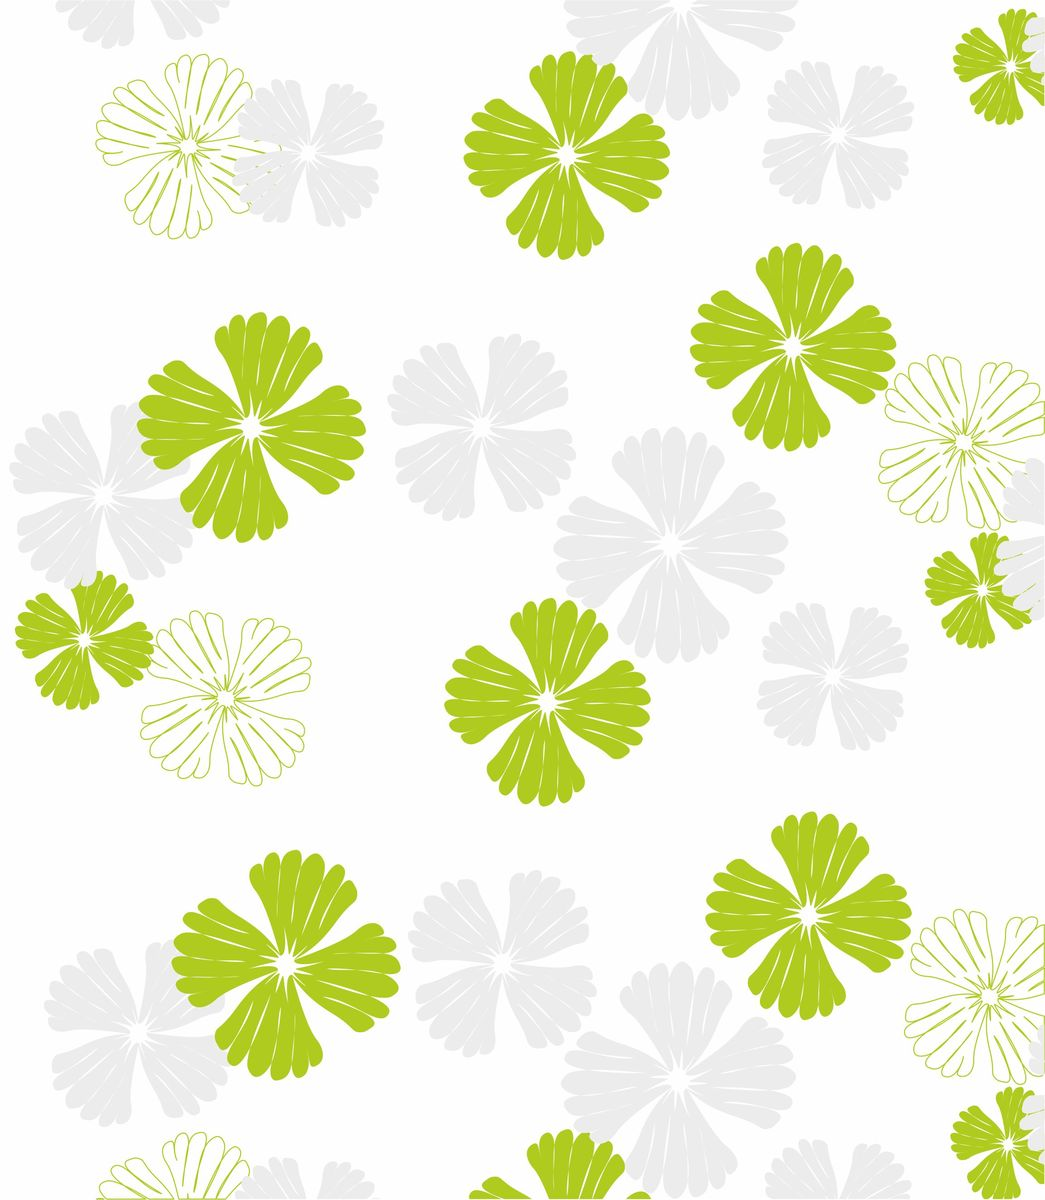 """Штора Vanstore """"Листья"""", выполненная из ПЕВА и EVA  (вспененный этиленвинилацетат), оформлена ярким  рисунком листьев. Она надежно  защитит от брызг и капель пространство вашей ванной  комнаты в то время, пока вы принимаете душ. В  верхней кромке шторы предусмотрены отверстия для  пластиковых колец (входят в комплект). Оригинальный дизайн шторы наполнит вашу ванную  комнату положительной энергией.  Количество колец: 12 шт."""